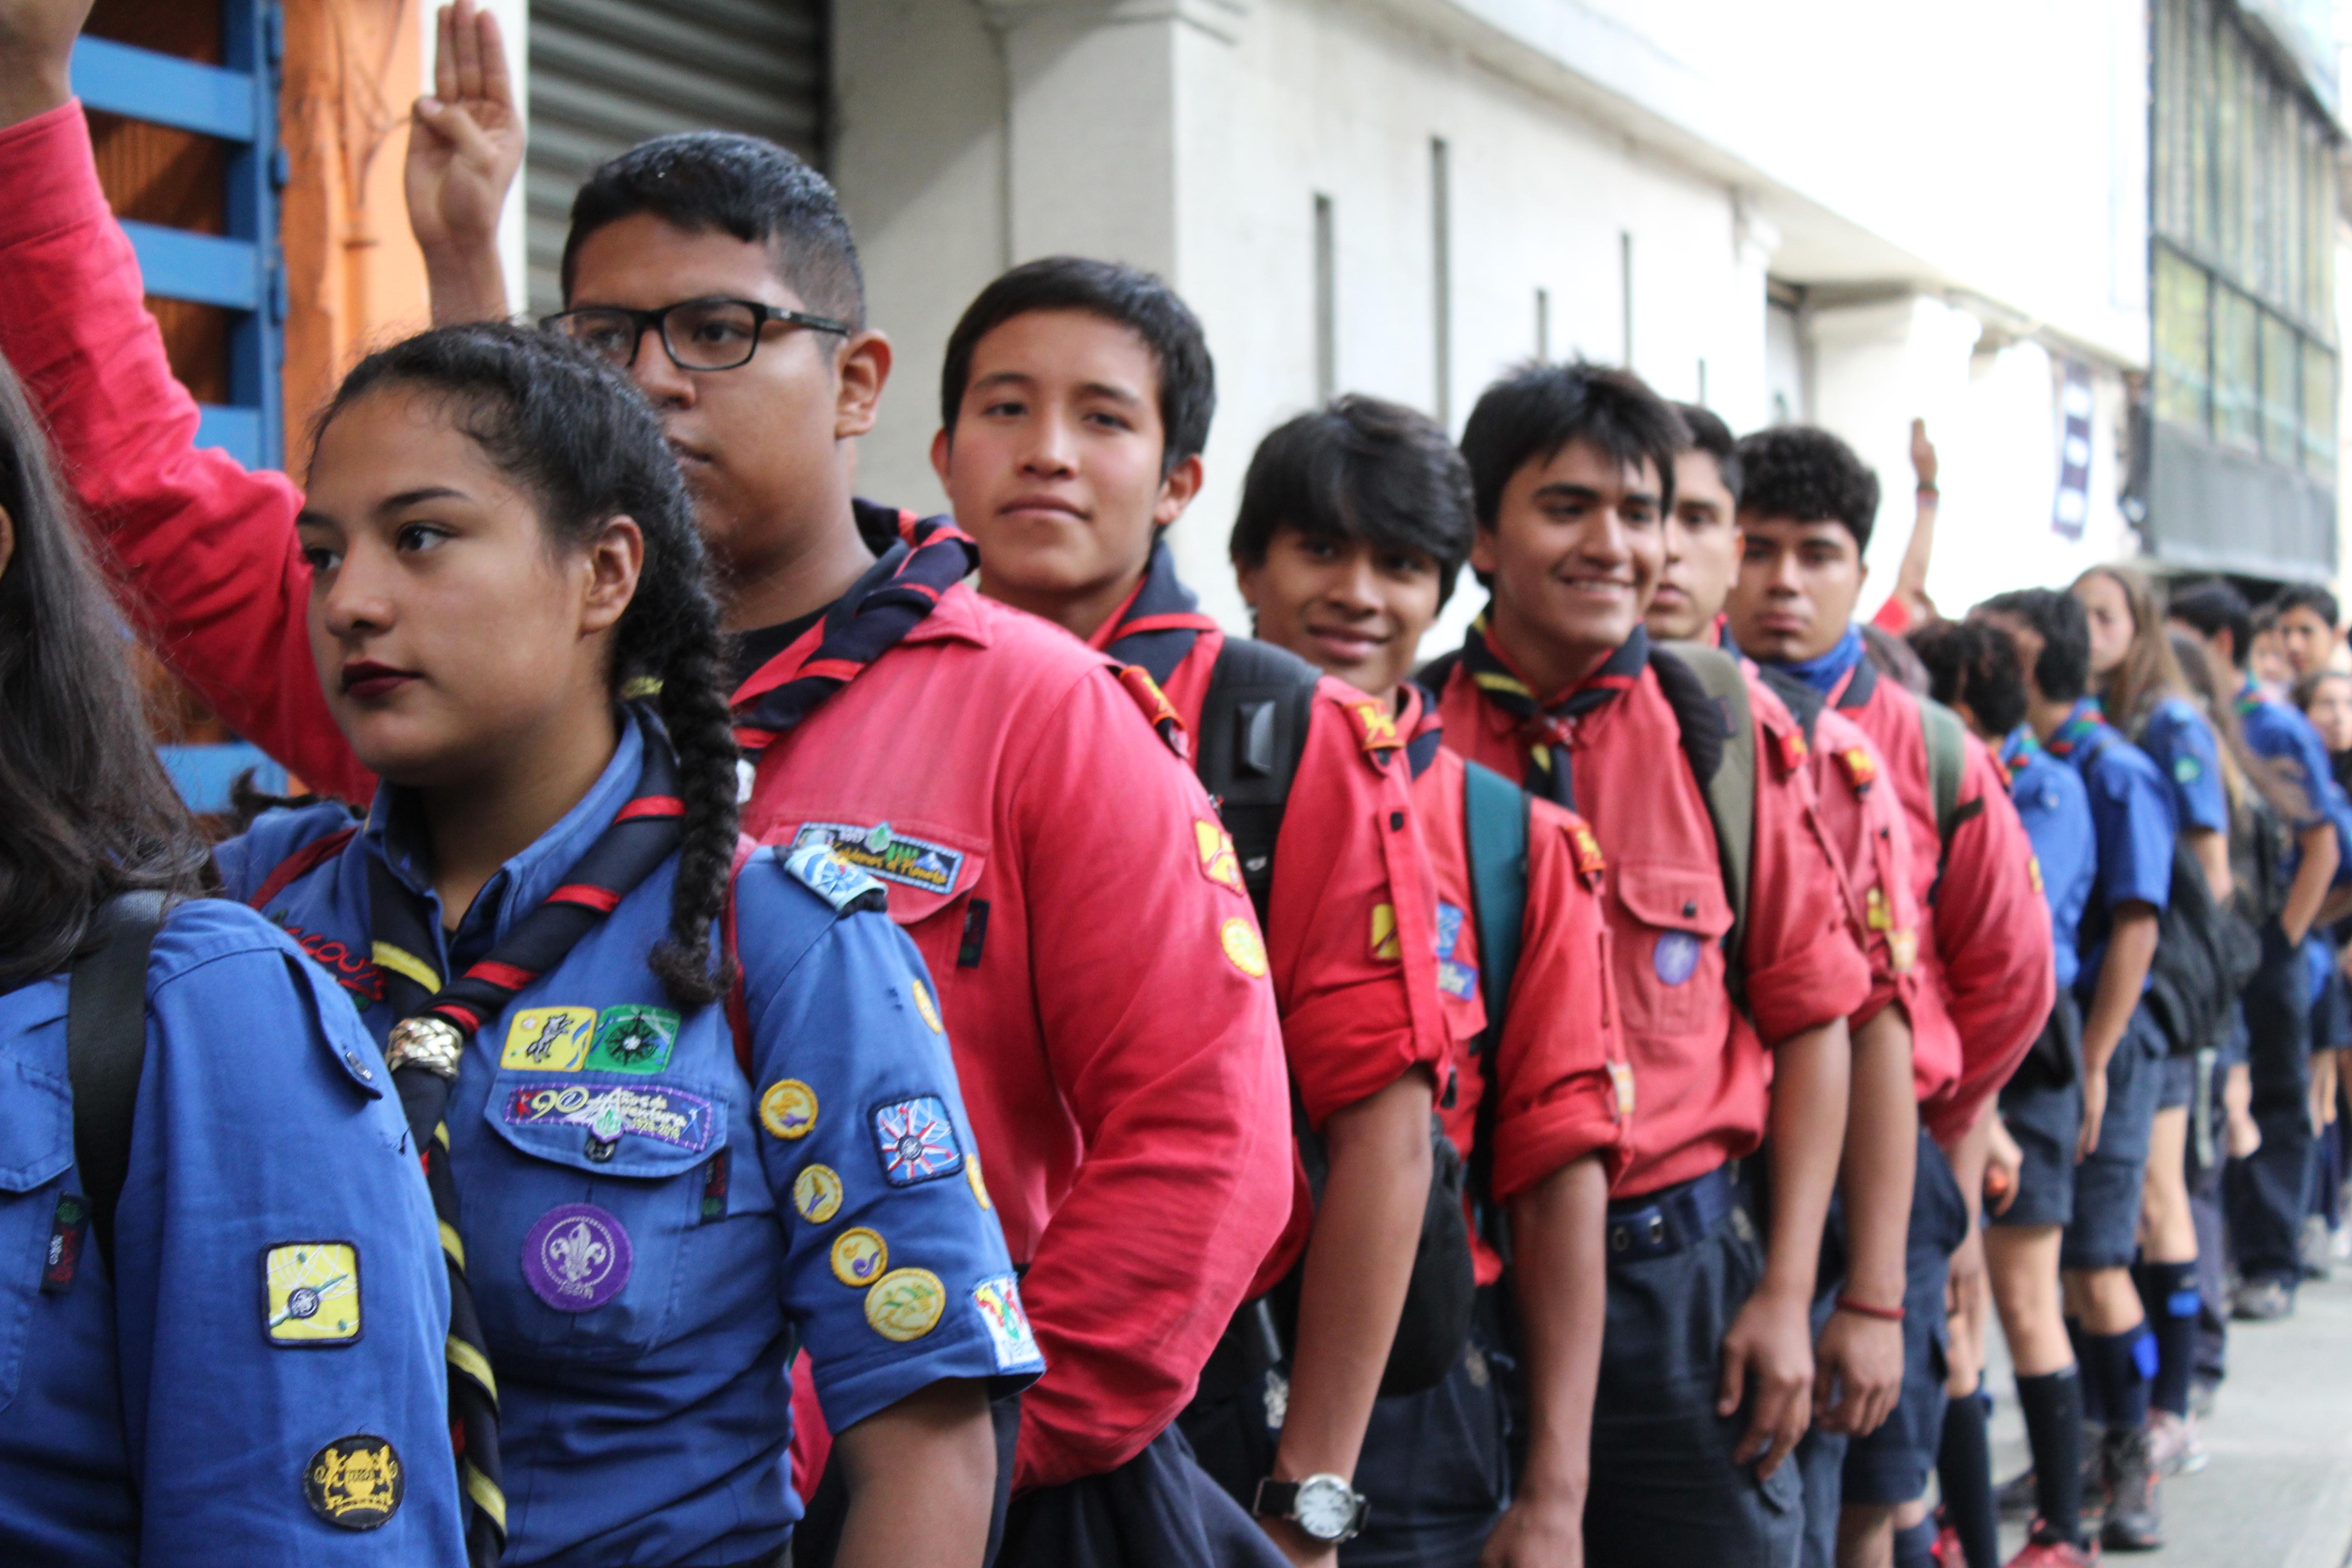 Las brigadas de jóvenes del Imjuve y de los Scouts, encabezados por sus respectivas autoridades, recorrieron algunas de las zonas afectadas en las colonias Roma y Condesa